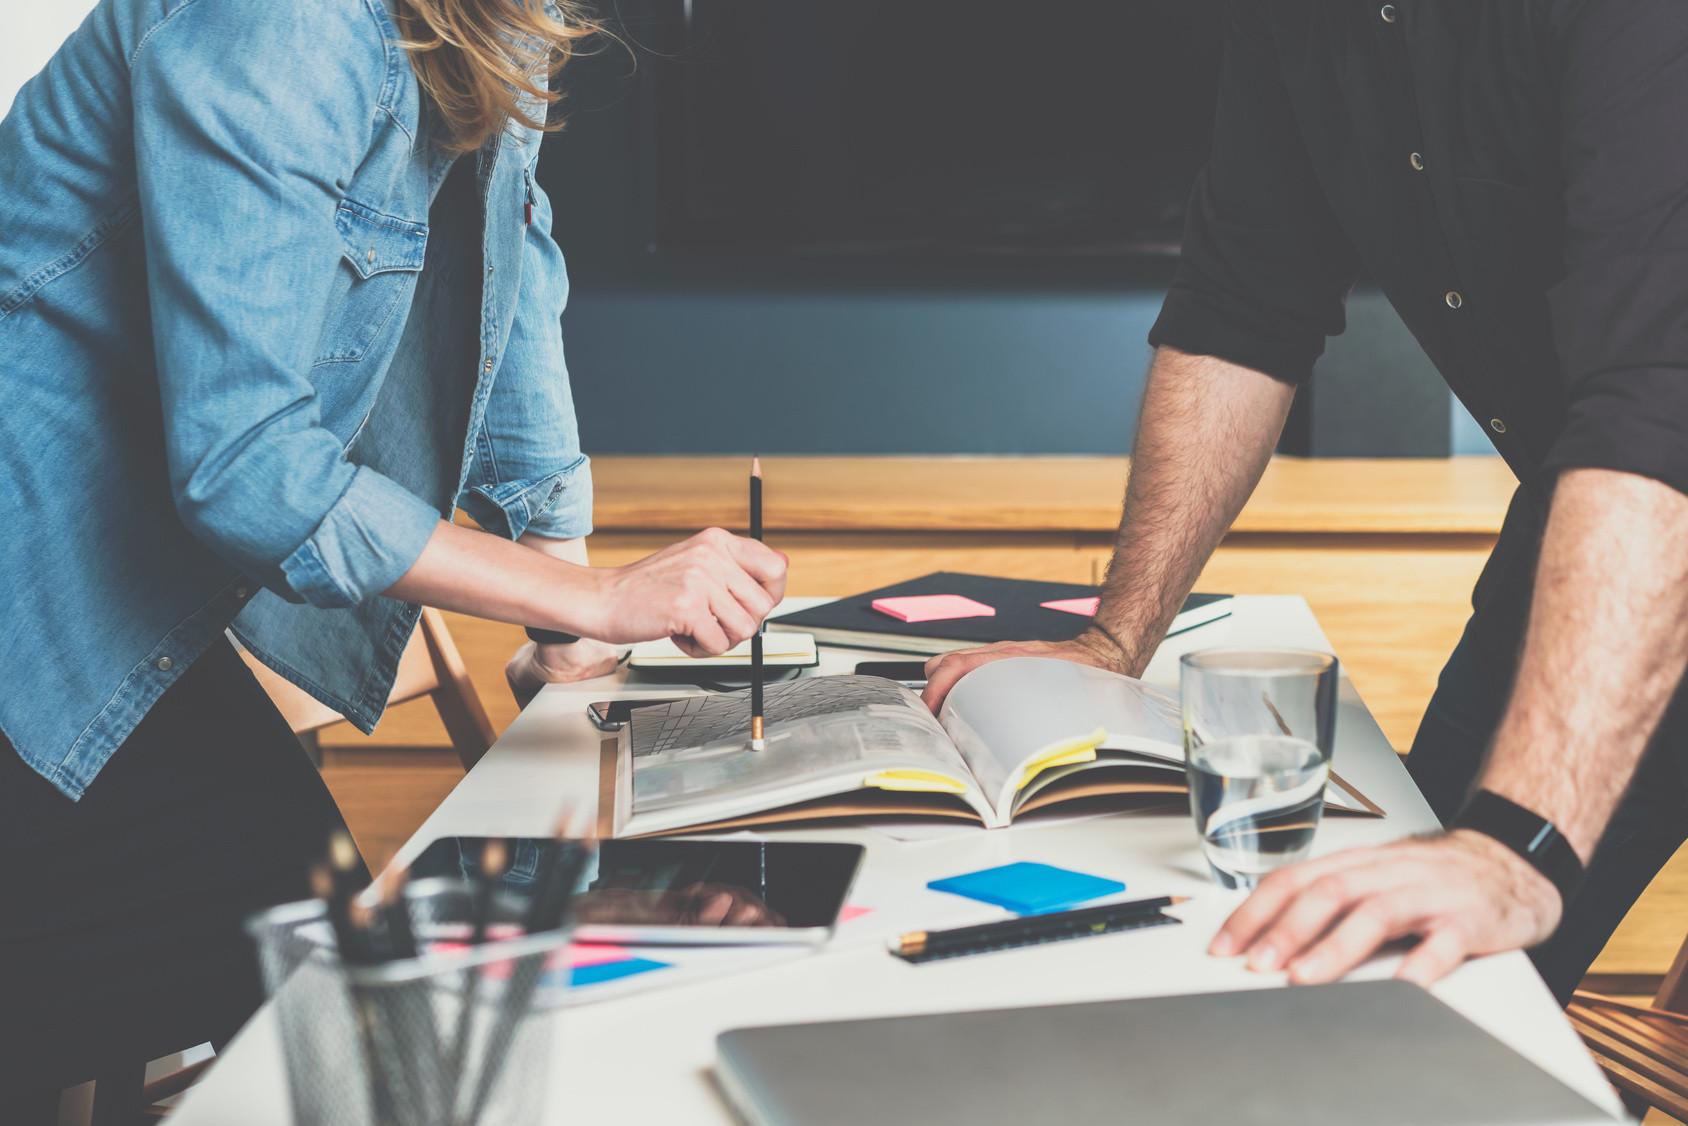 Online & Offline Strategie - Welche Massnahmen machen für Sie wann und wie Sinn? Wir zeigen Ihnen den Weg zum effektiven und zielorientierten online Auftritt mit den optimalen Website Marketing Massnahmen, die ideal mit der offline Strategie gekoppelt sind.Basierend auf Ihren Zielen und unserer Expertise finden wir die optimale online Strategie für Ihre Firma, Stiftung oder Ihren Verein.Unter der Vielzahl der Marketing Massnahmen helfen wir Ihnen den Fokus auf die passenden Tools zu setzen von SEO, E-Mail-Marketing, Content Marketing, Blogging, Social Media bis UX und Website Optimierungen.